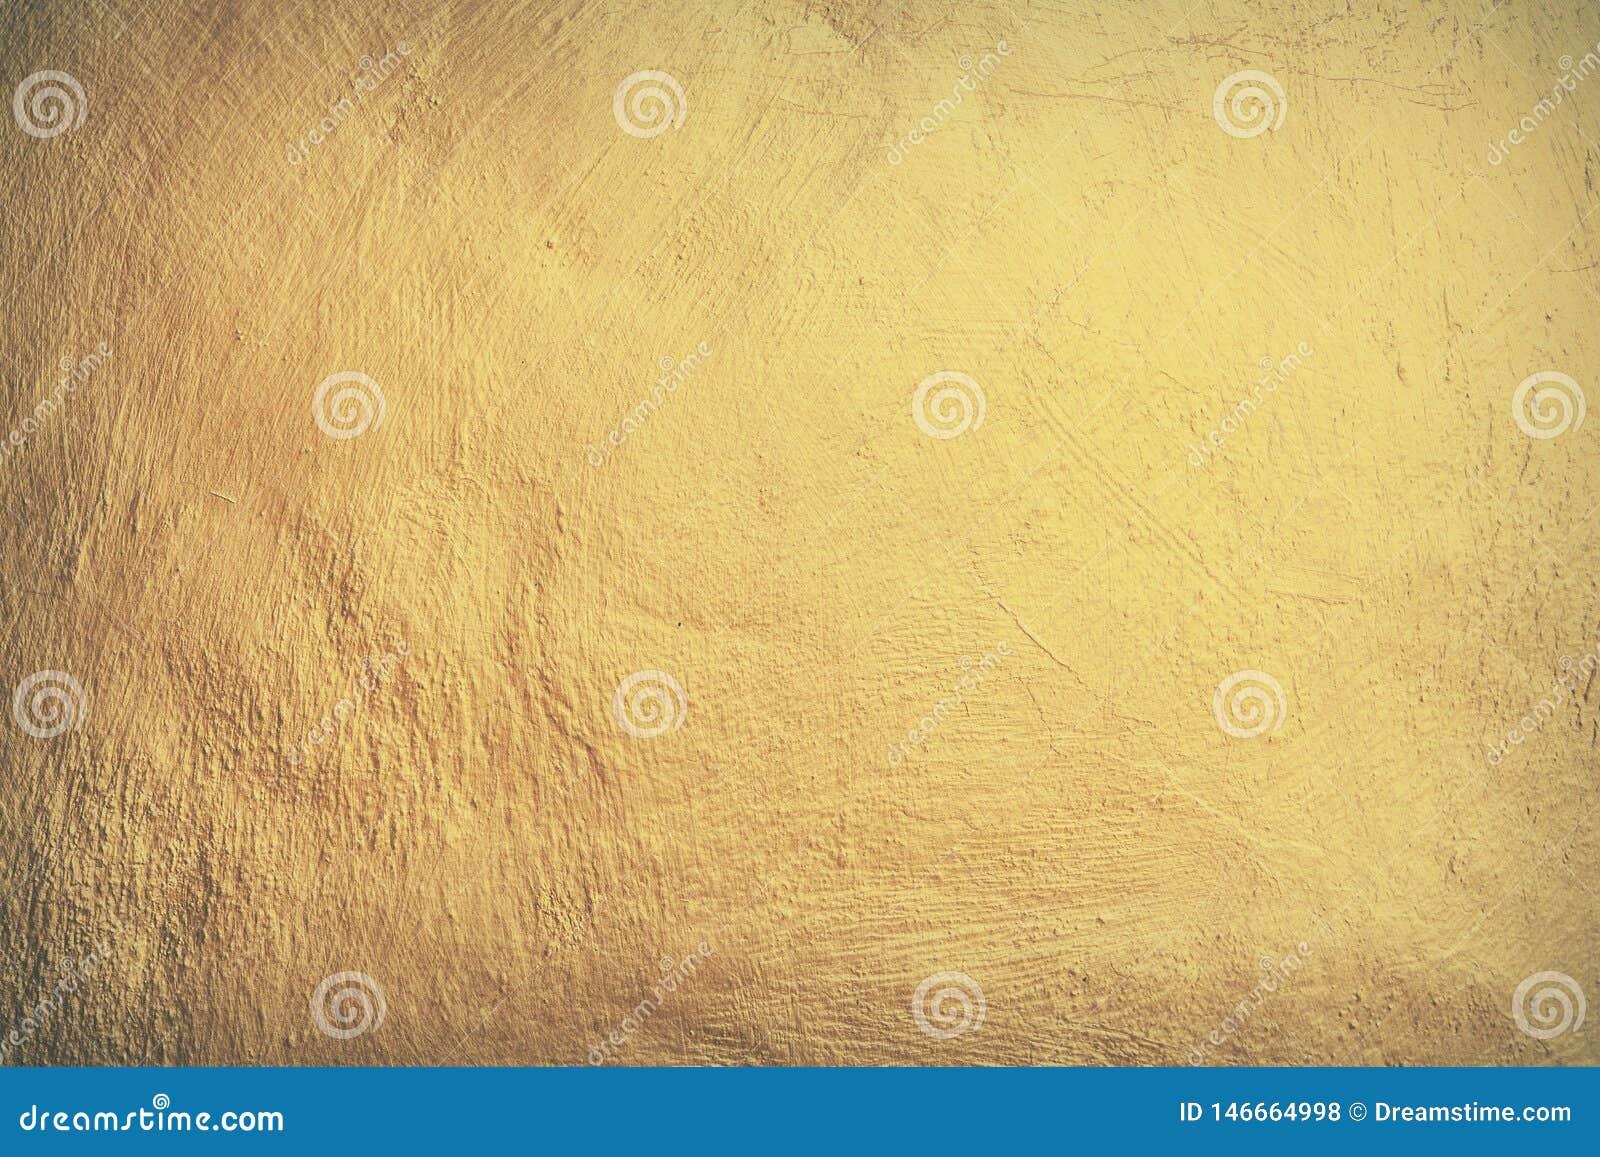 Abstrakter Hintergrund, die Wandsandfarbe, Gips